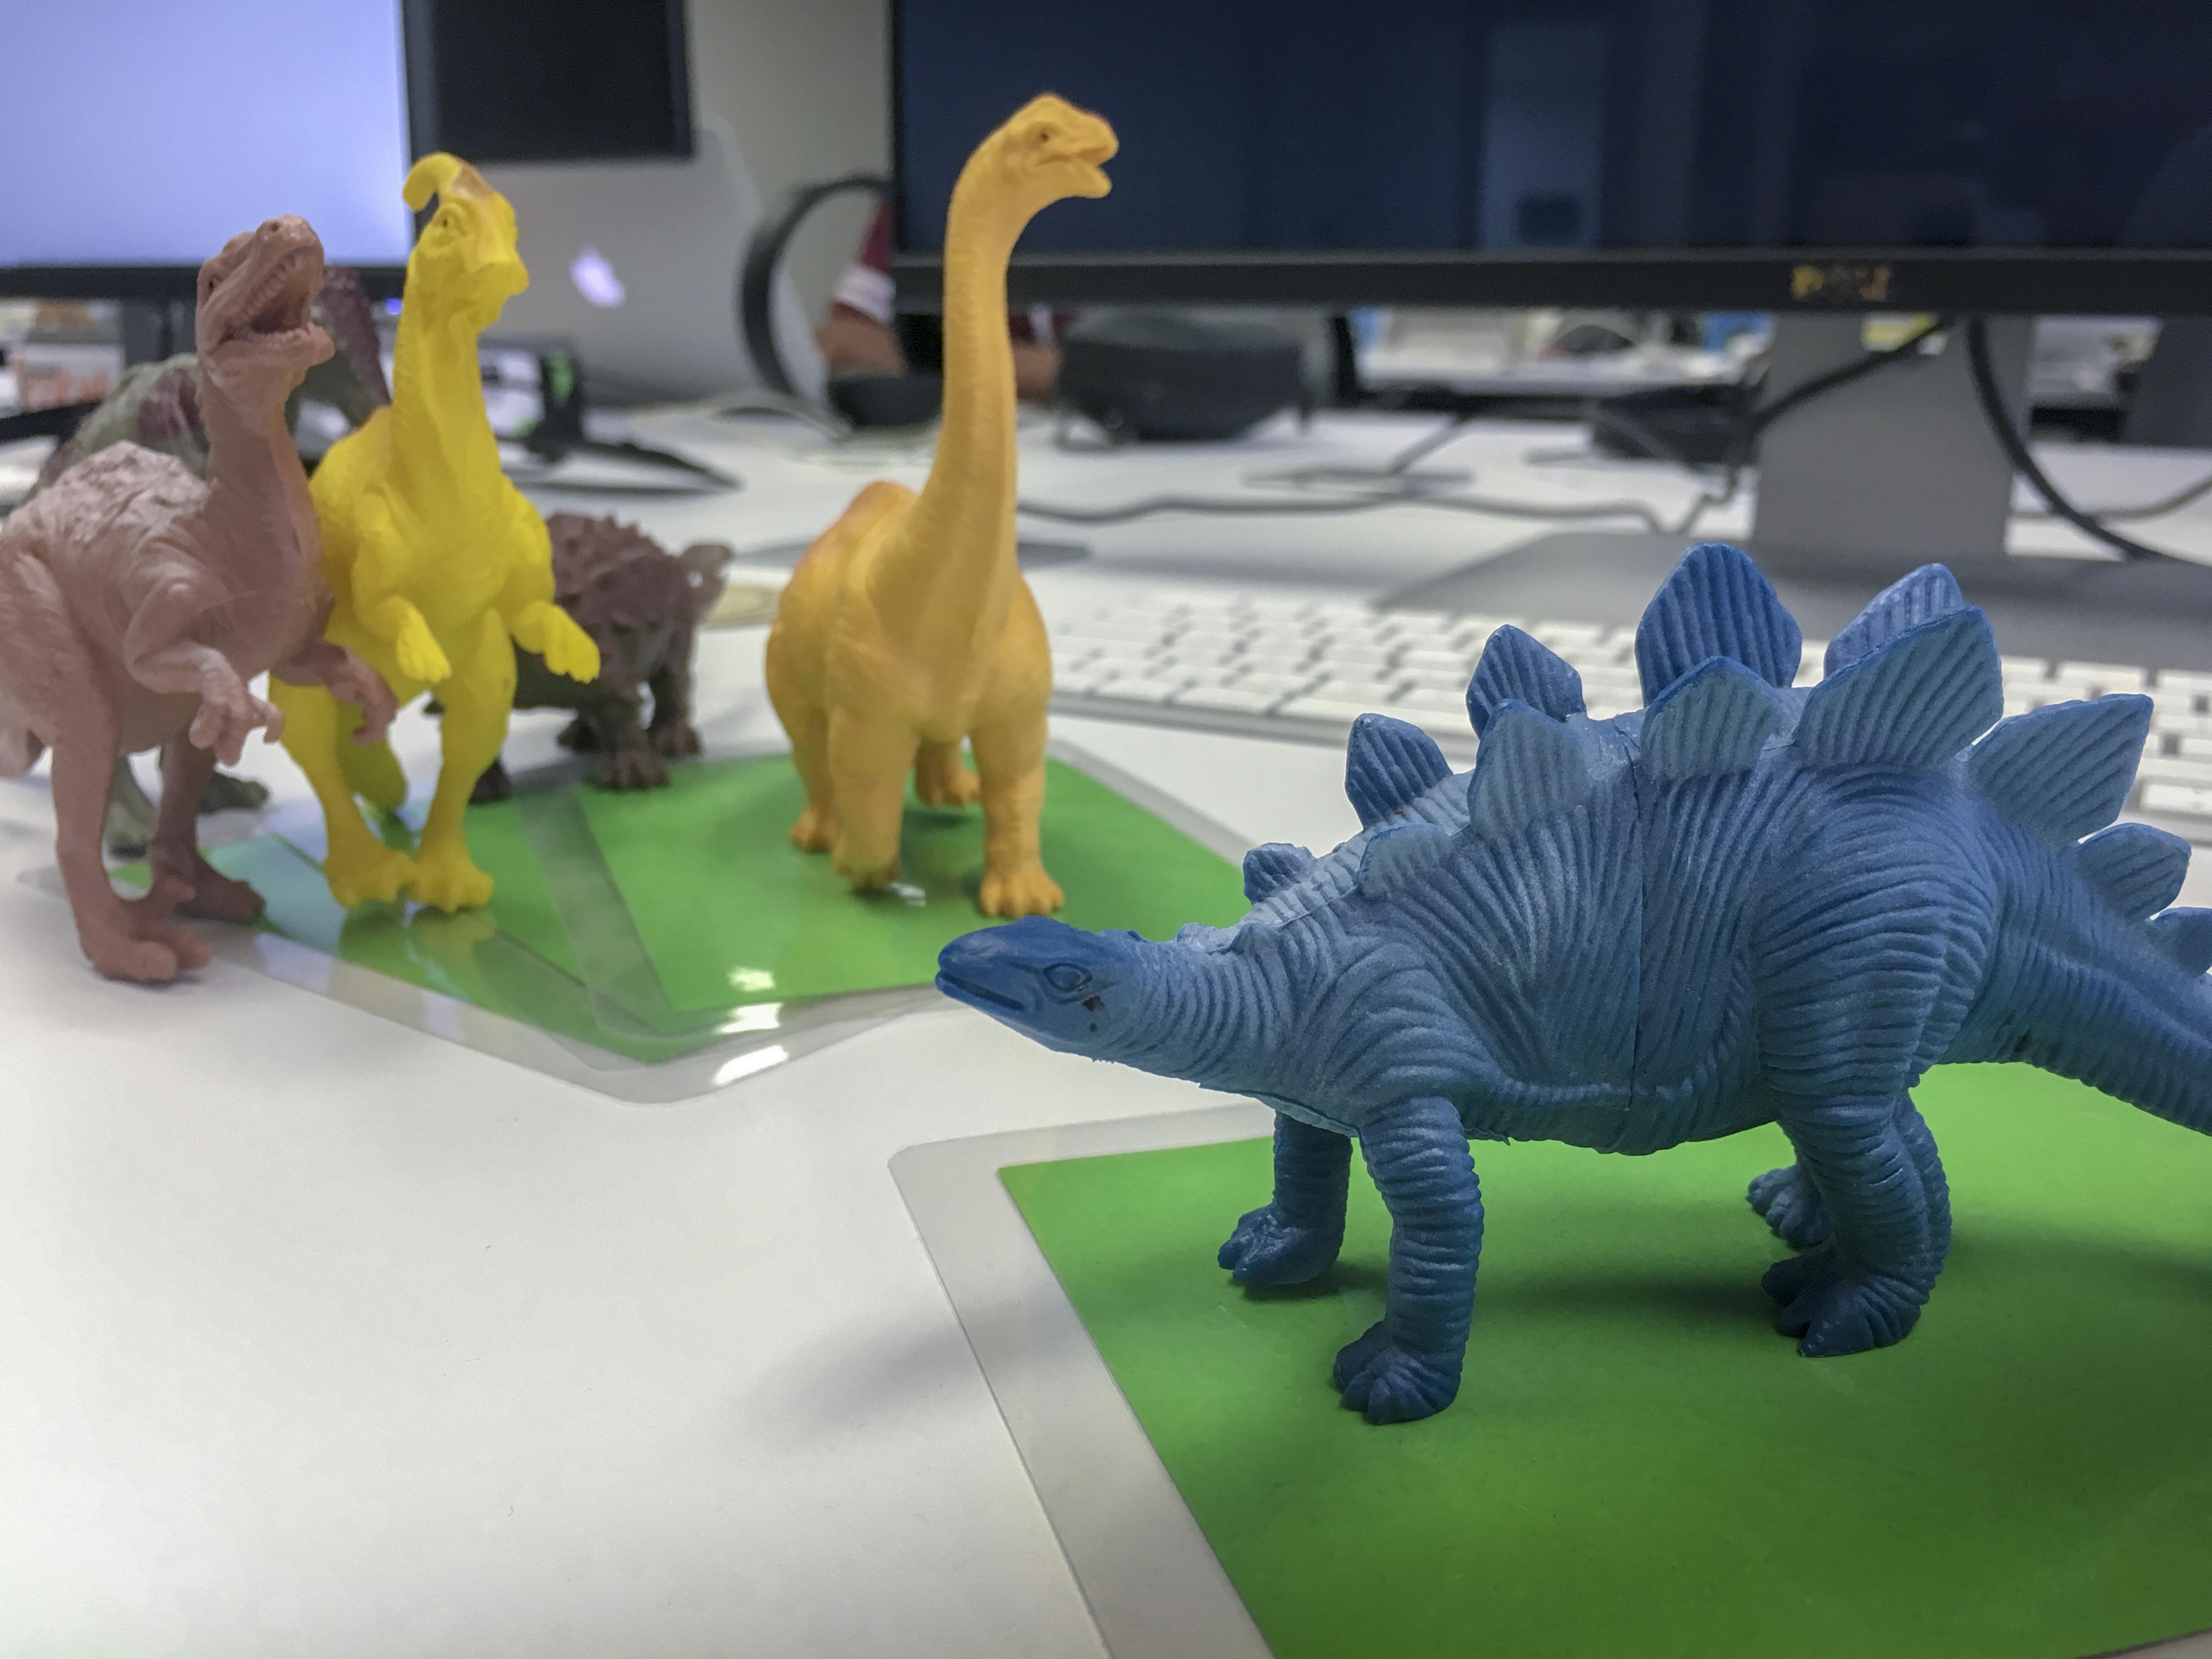 Dinos on cardboard